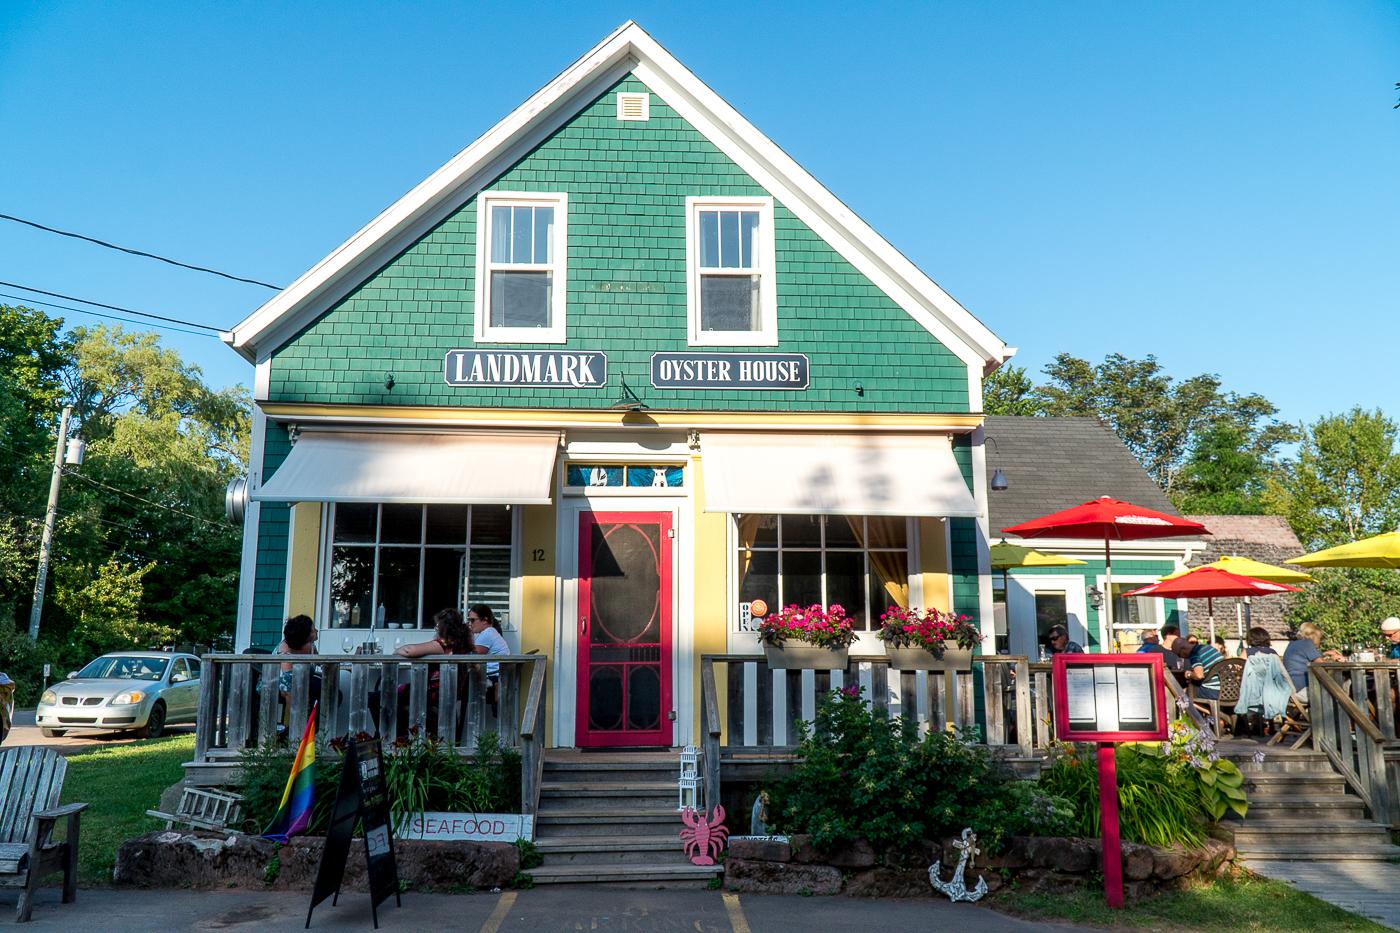 Maison multicolore du restaurant Landmark Oyster House